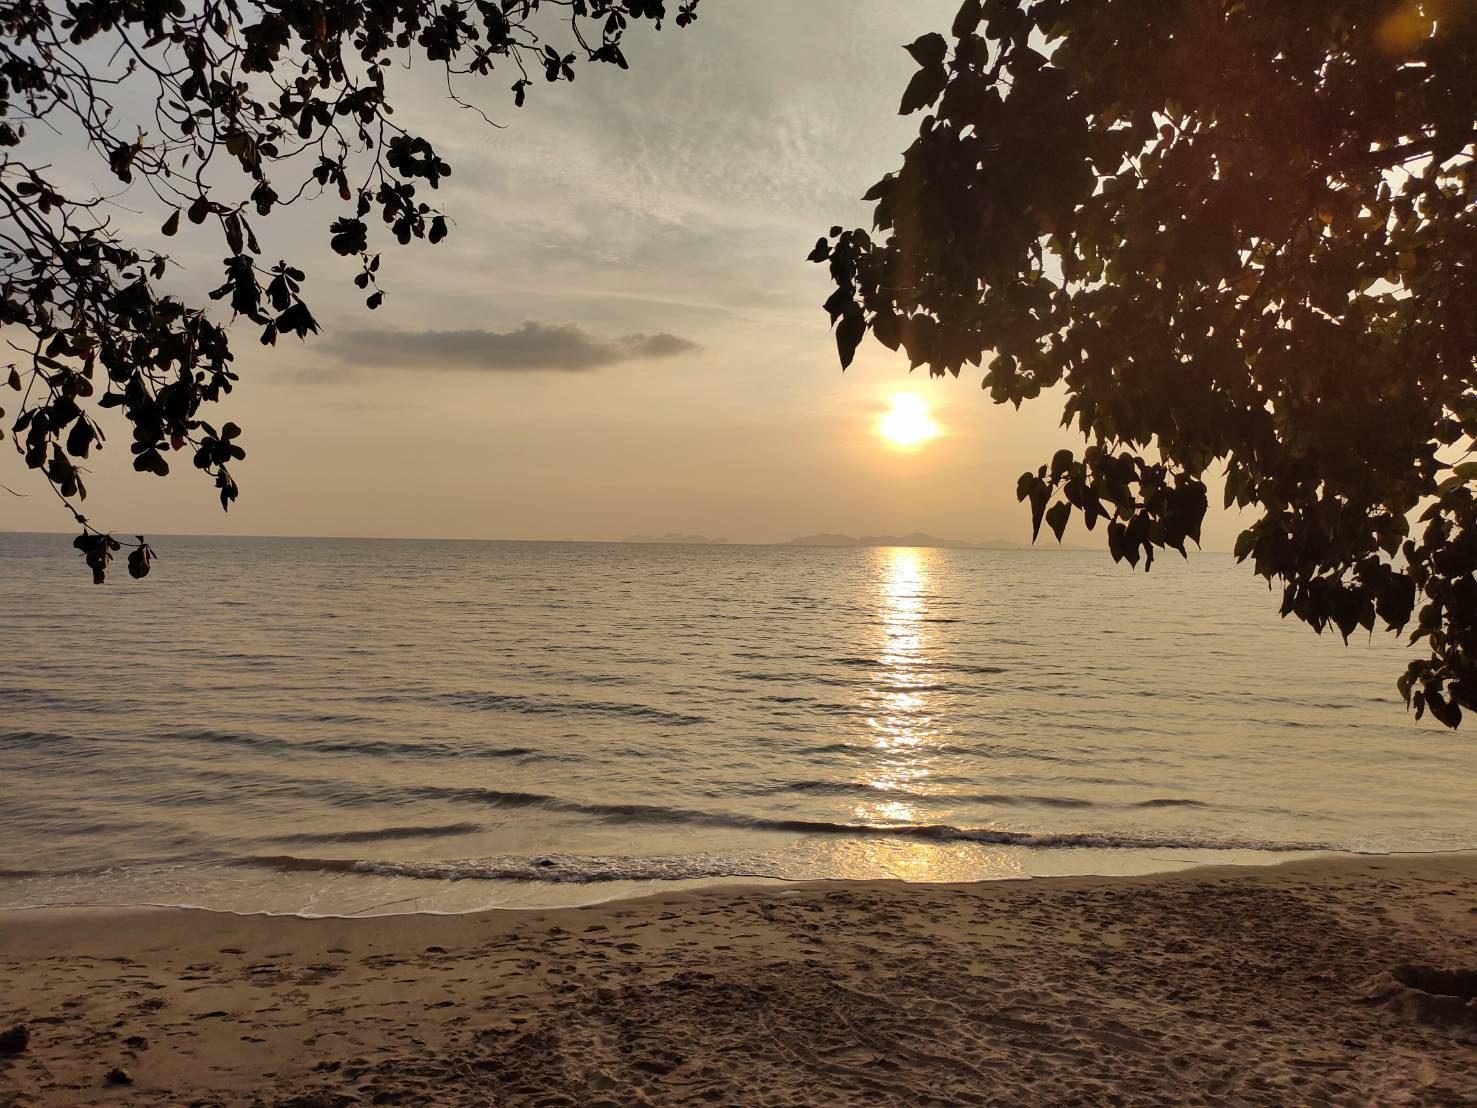 3 วัน 2 คืน กับเกาะจำ จำไม่ลืม ไม่มาไม่ได้แล้ว